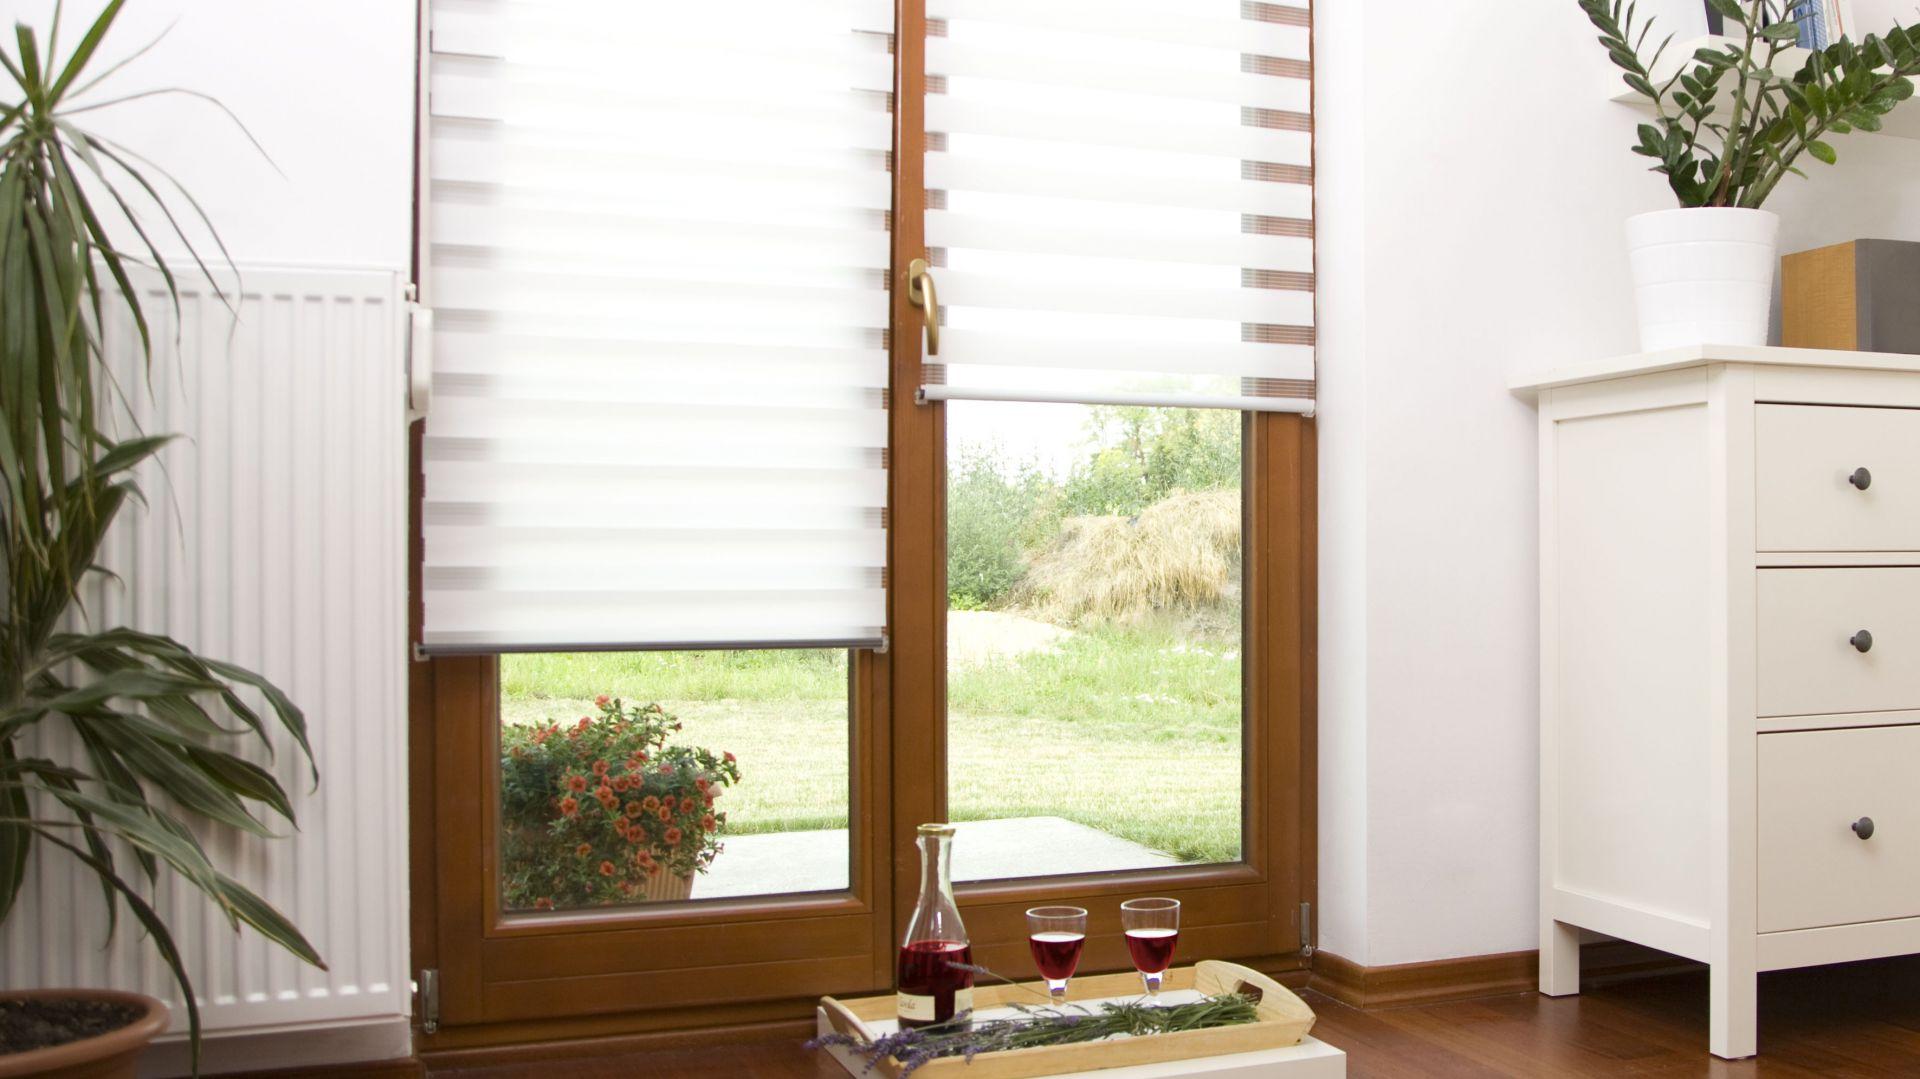 Jak wybrać najlepszą osłonę okien na parterze. Fot. Franc Gardiner